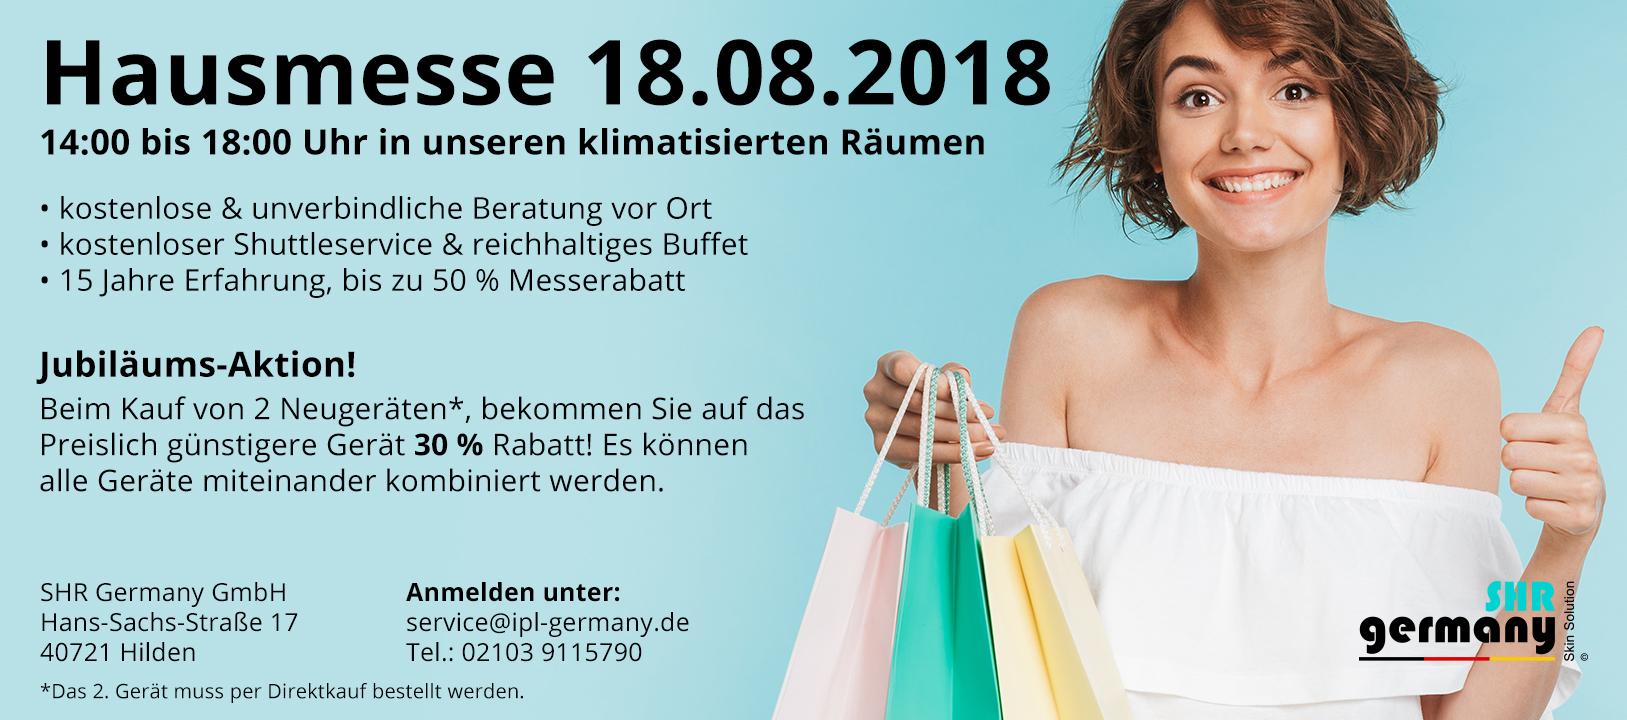 SHR_IPL_Germany_Hausmesse_18082018